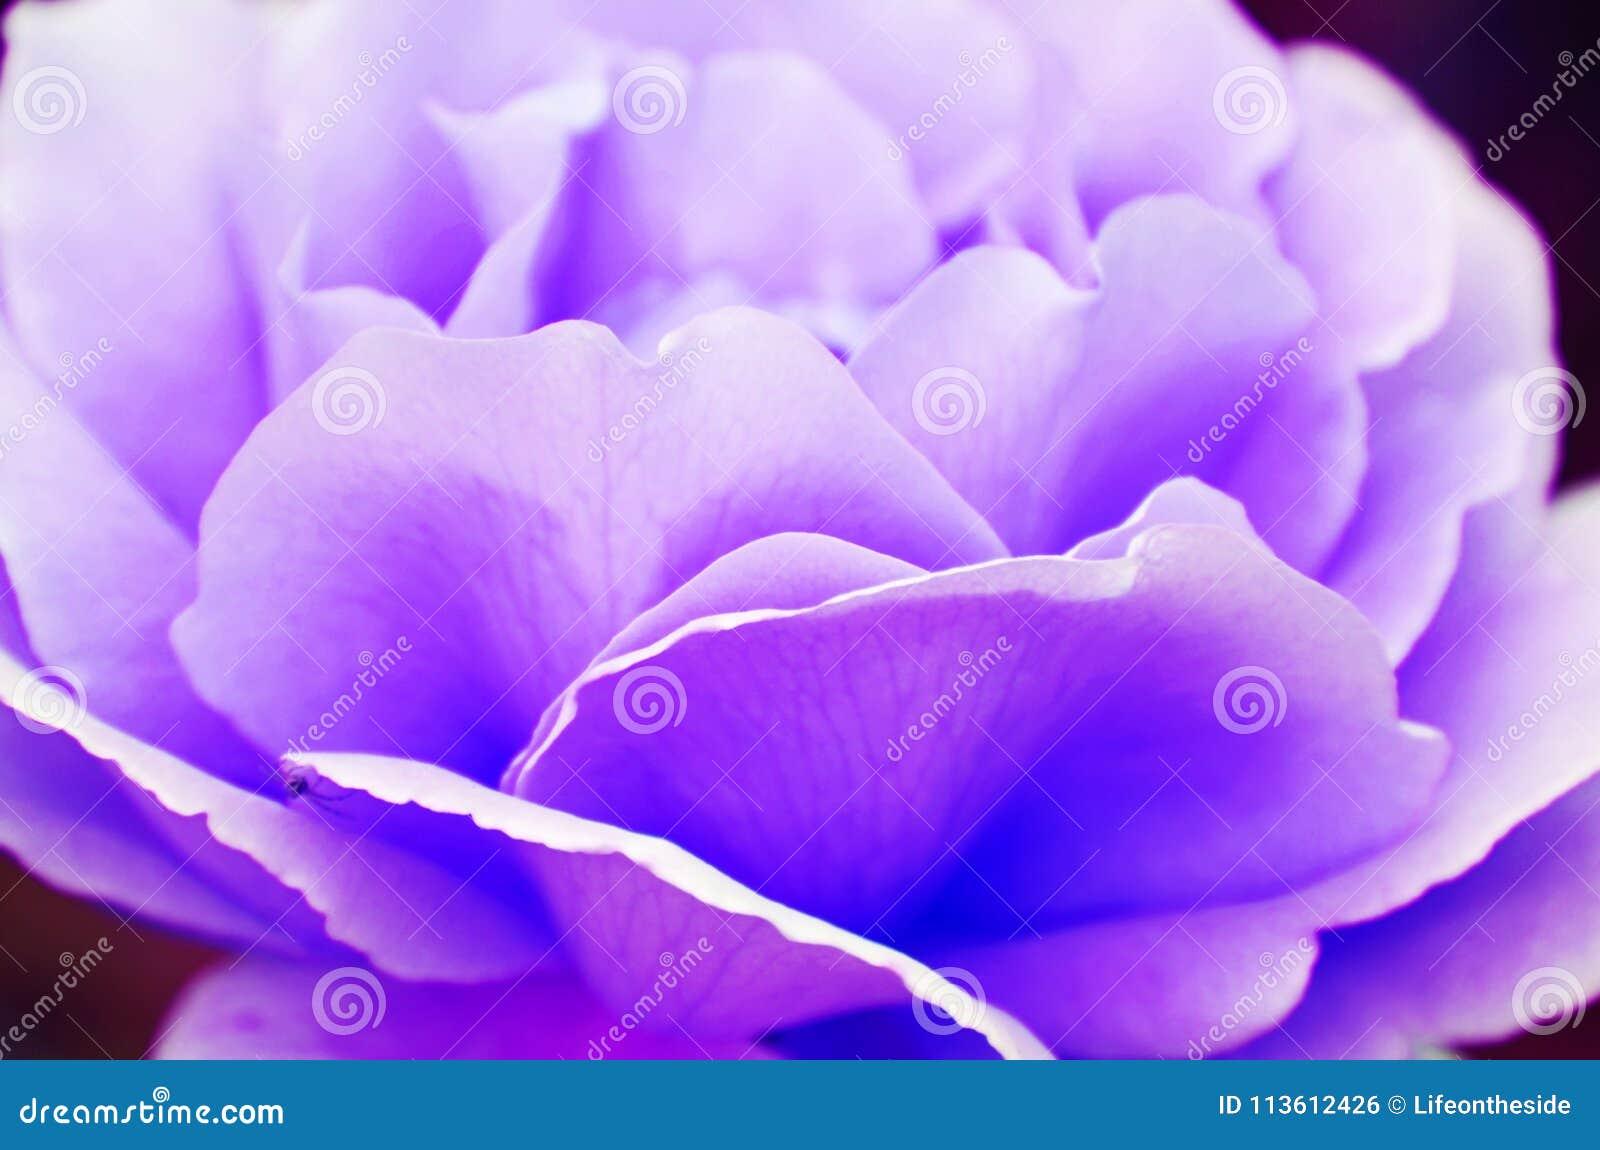 Abstract background fragile soft violet purple lavender rose petals